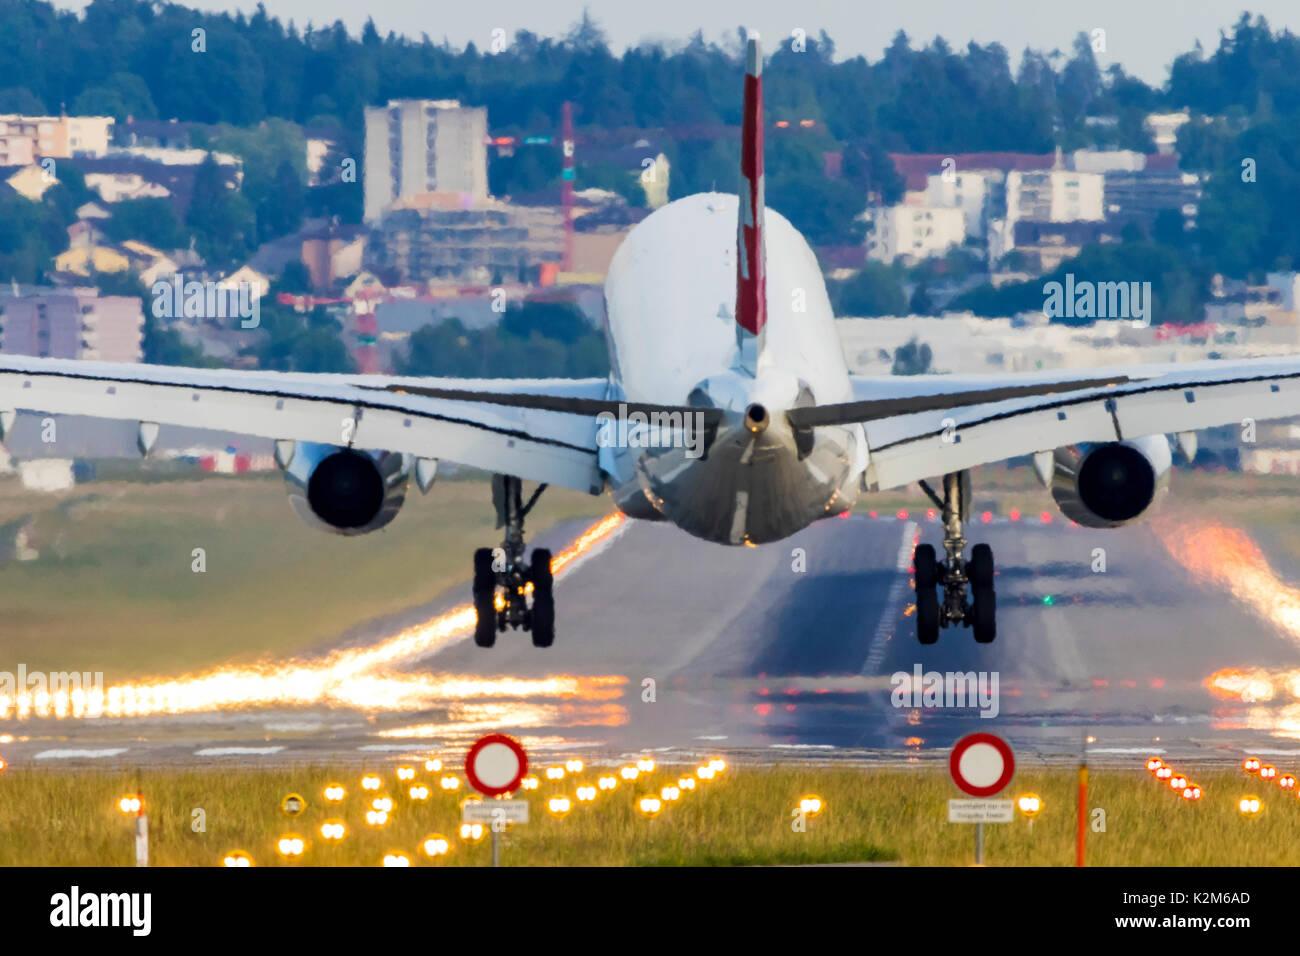 Zurich Airport, ZRH, landing plane. - Stock Image